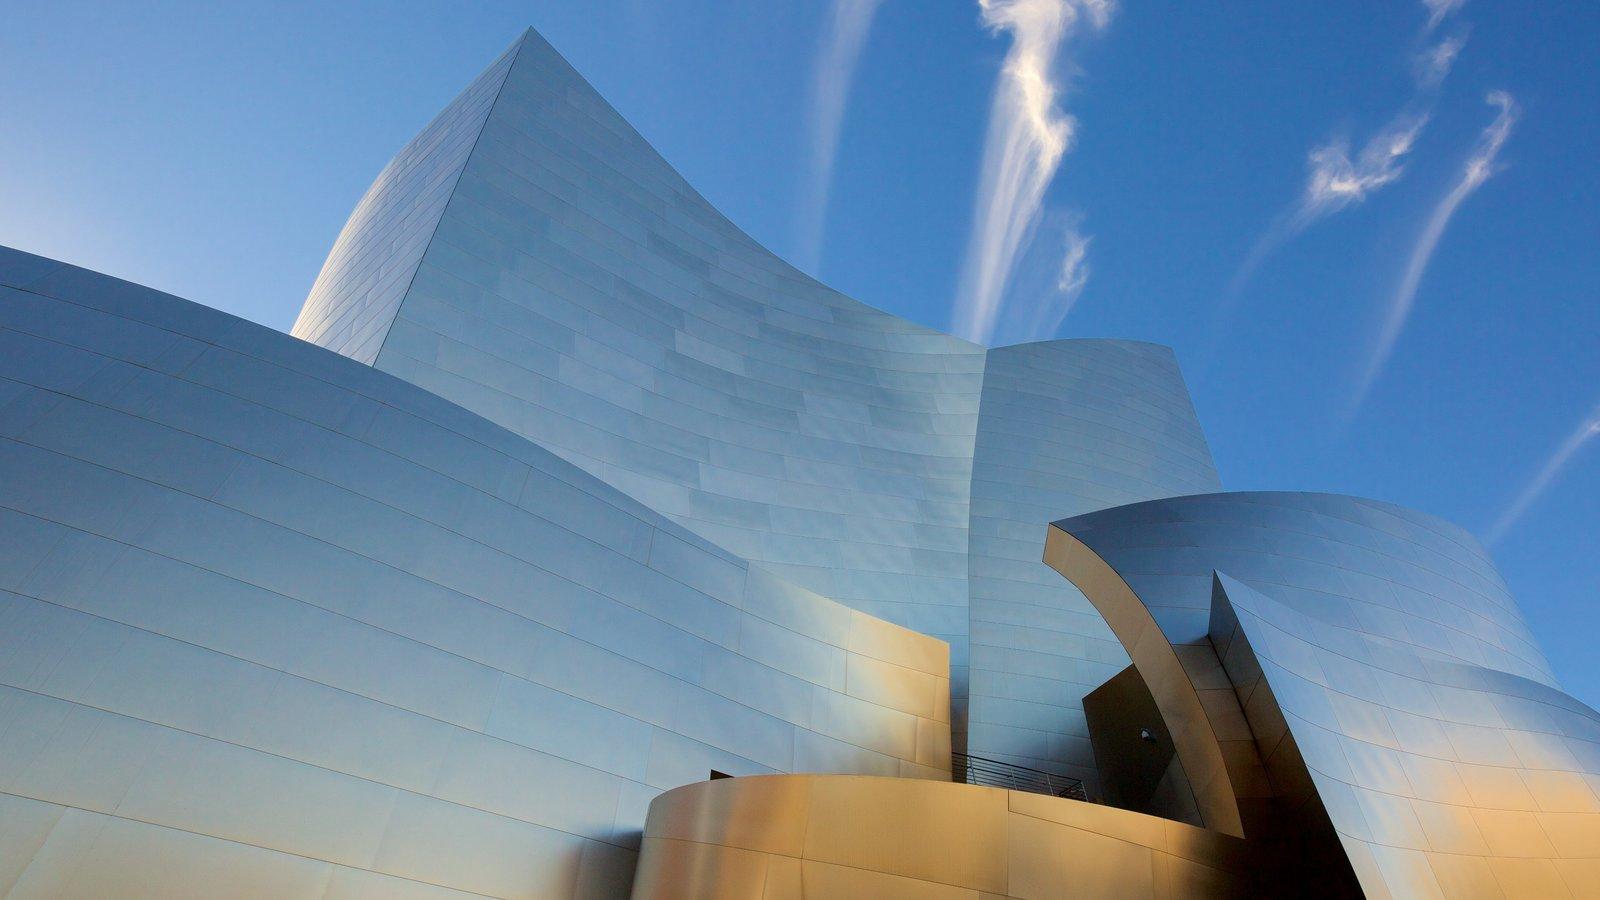 Walt Disney Concert Hall caracterizando arquitetura moderna e uma cidade